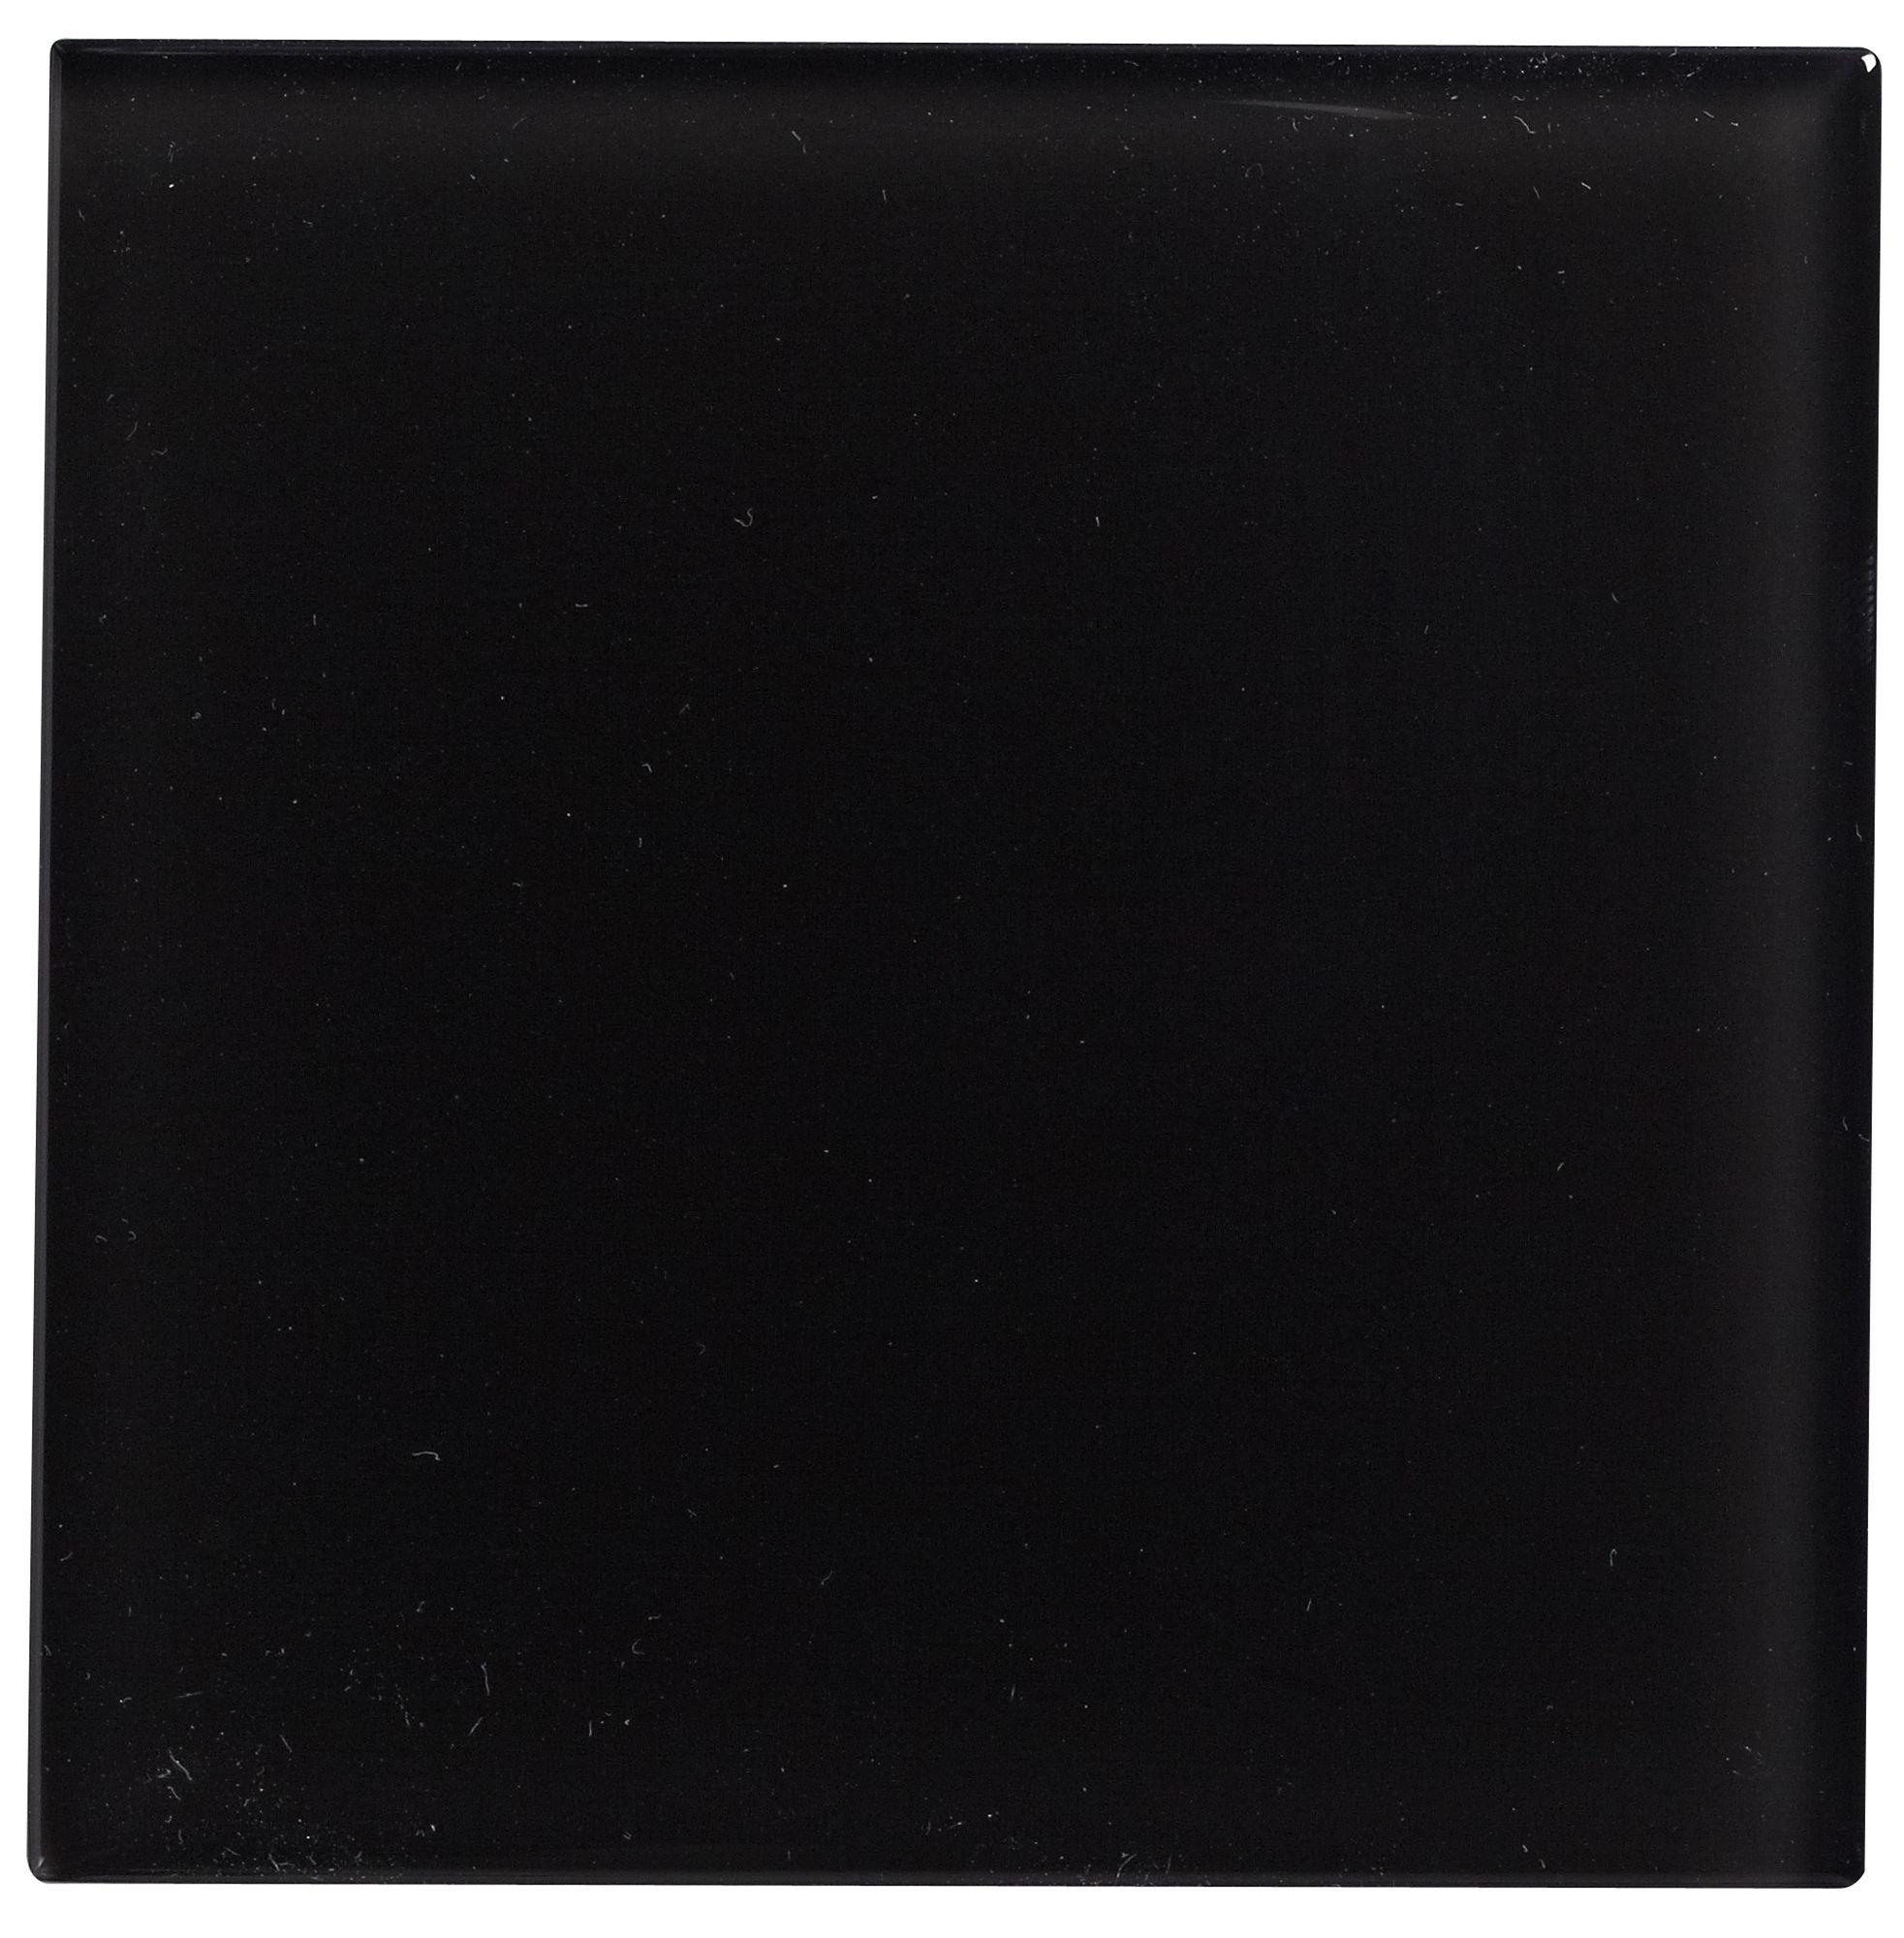 Black Glass Wall Tile, (l)98mm (w)98mm